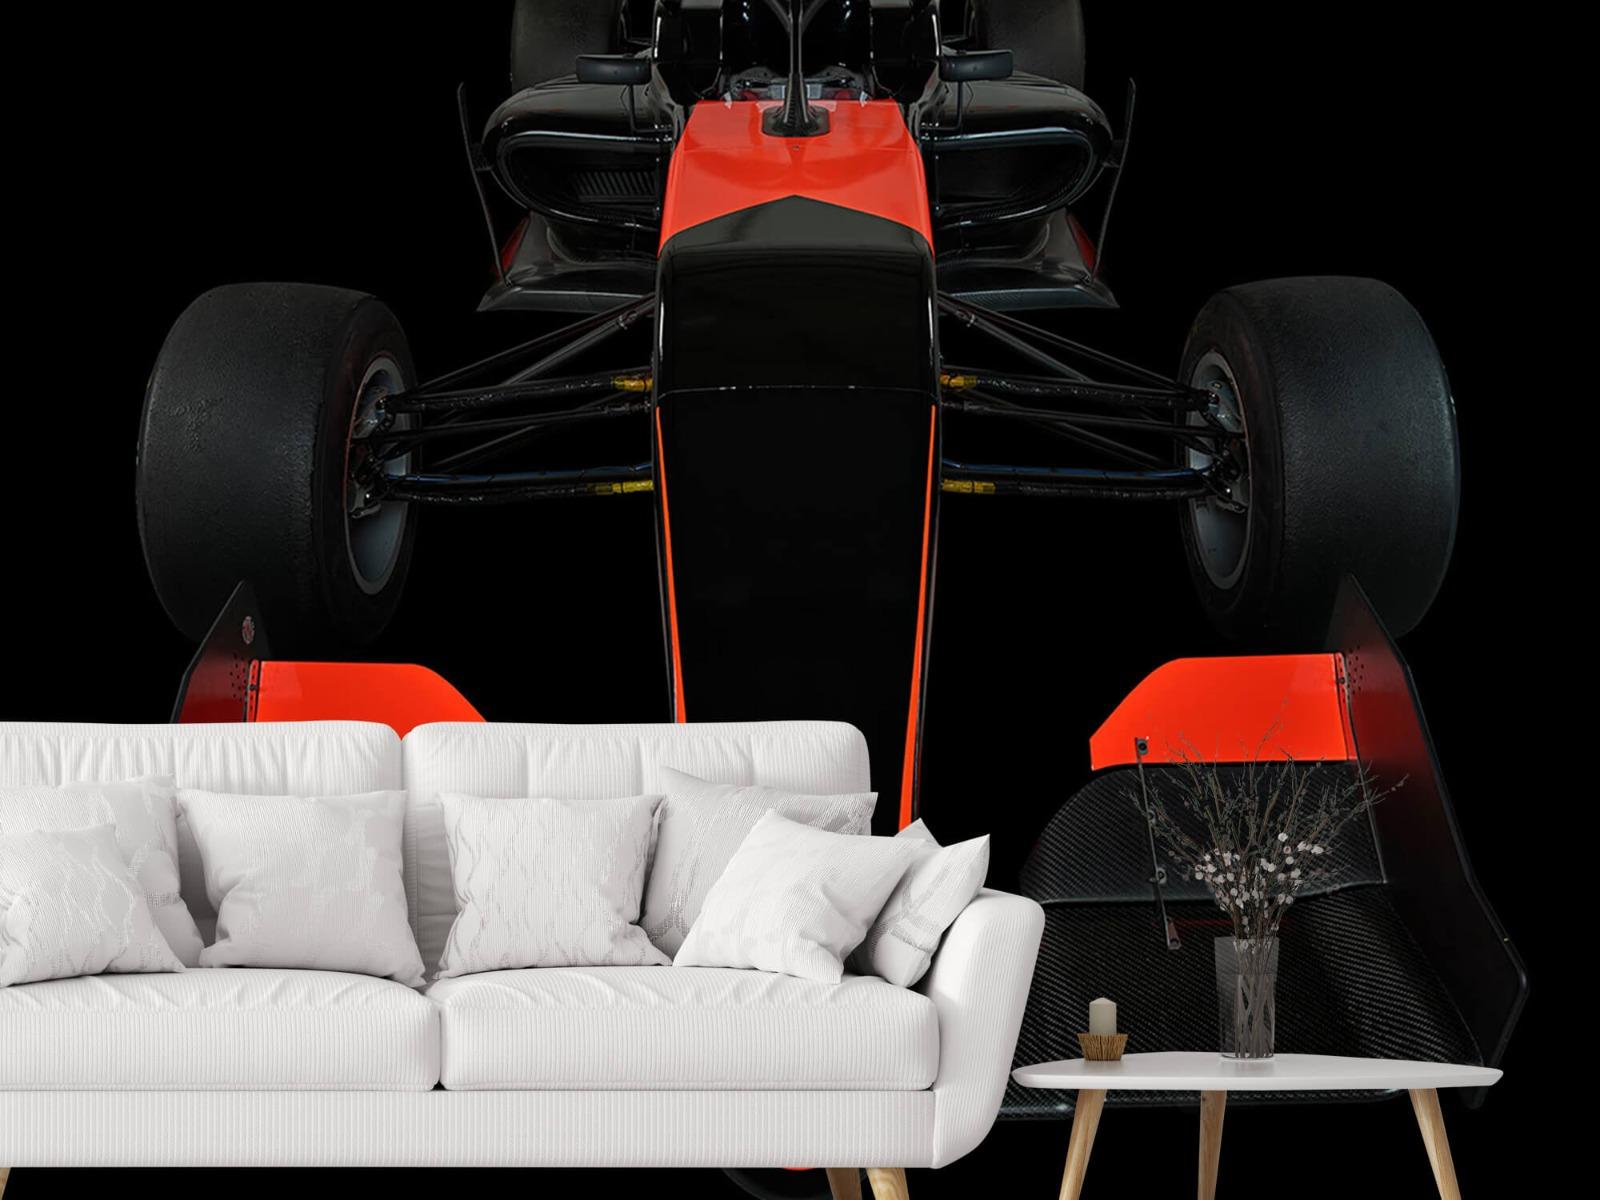 Sportauto's - Formule 3 - Front view - dark - Tienerkamer 3